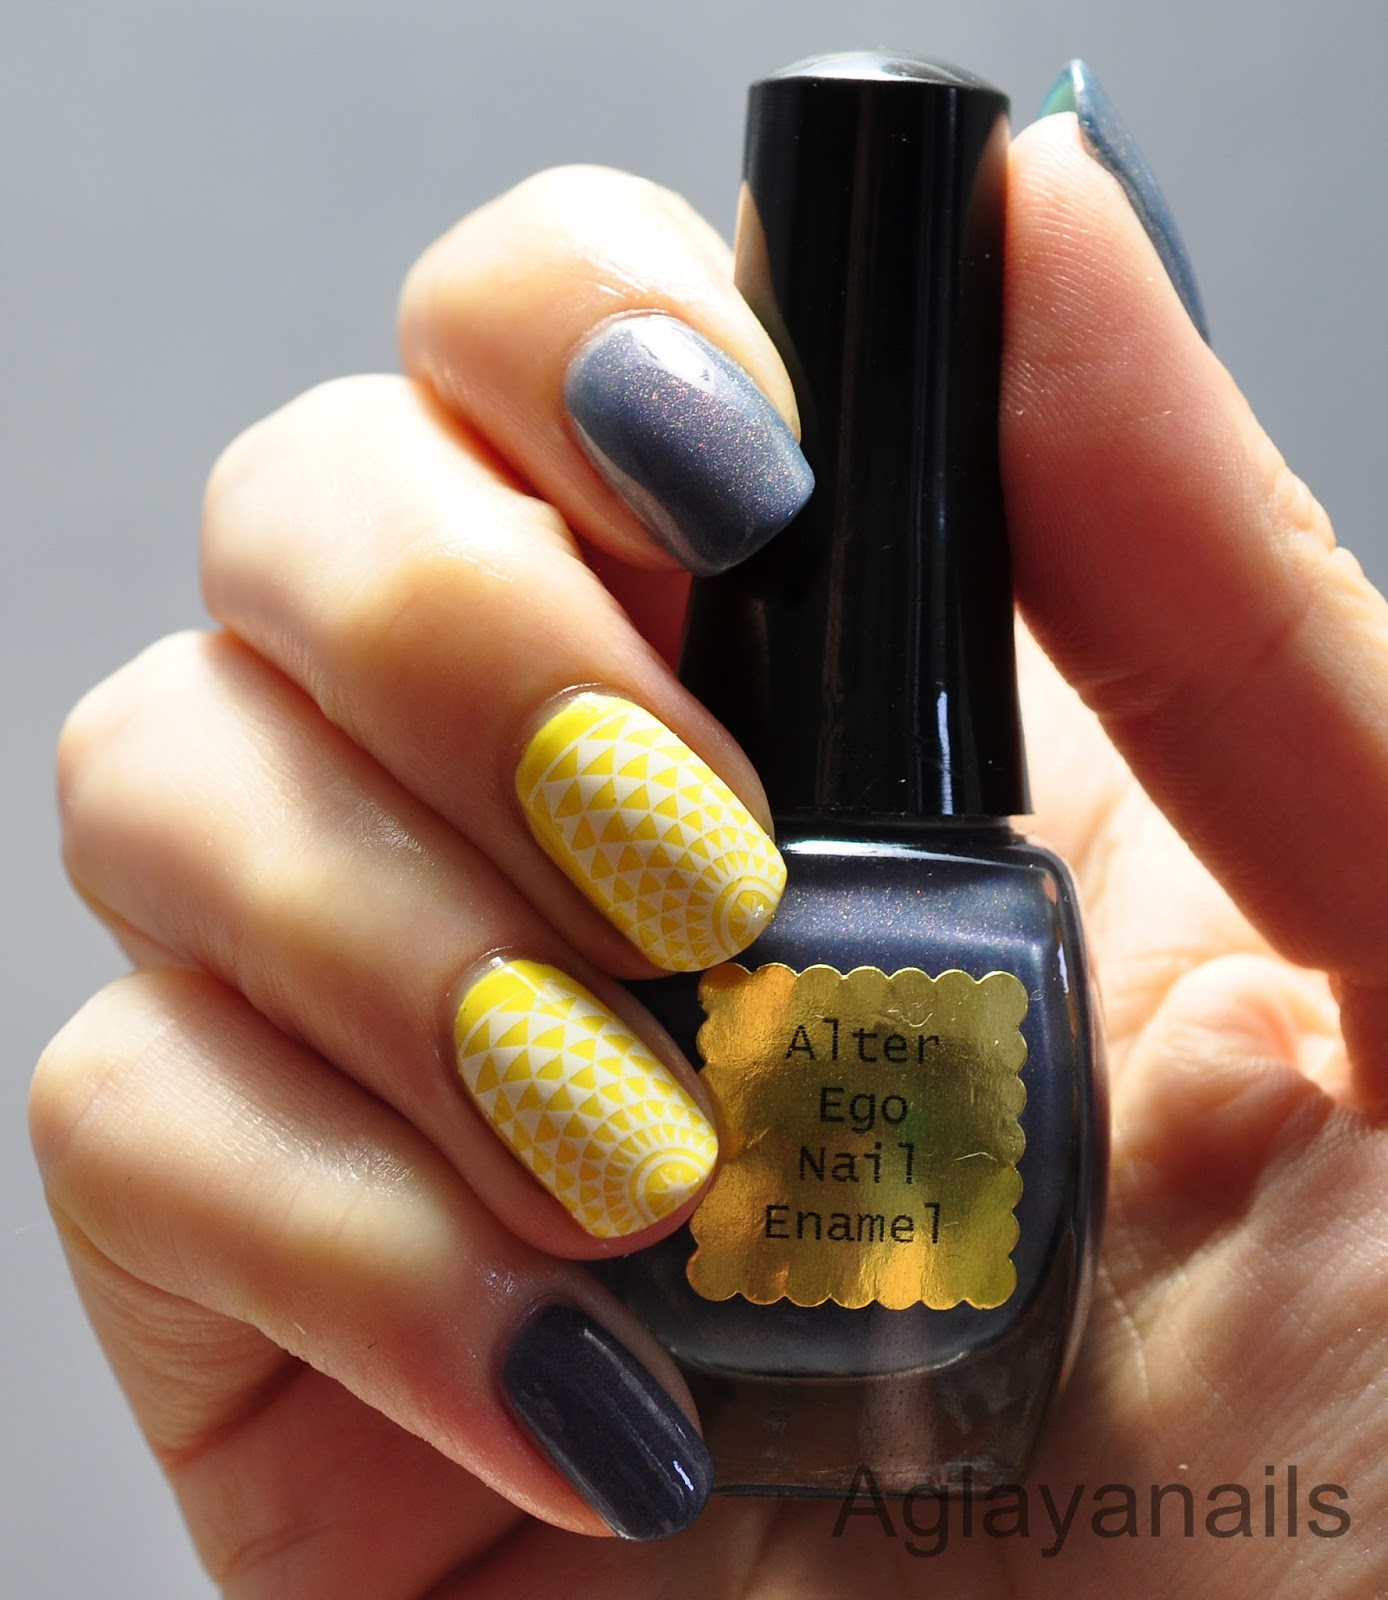 Aglayanails 26 Great Nail Art Ideas Sunshine